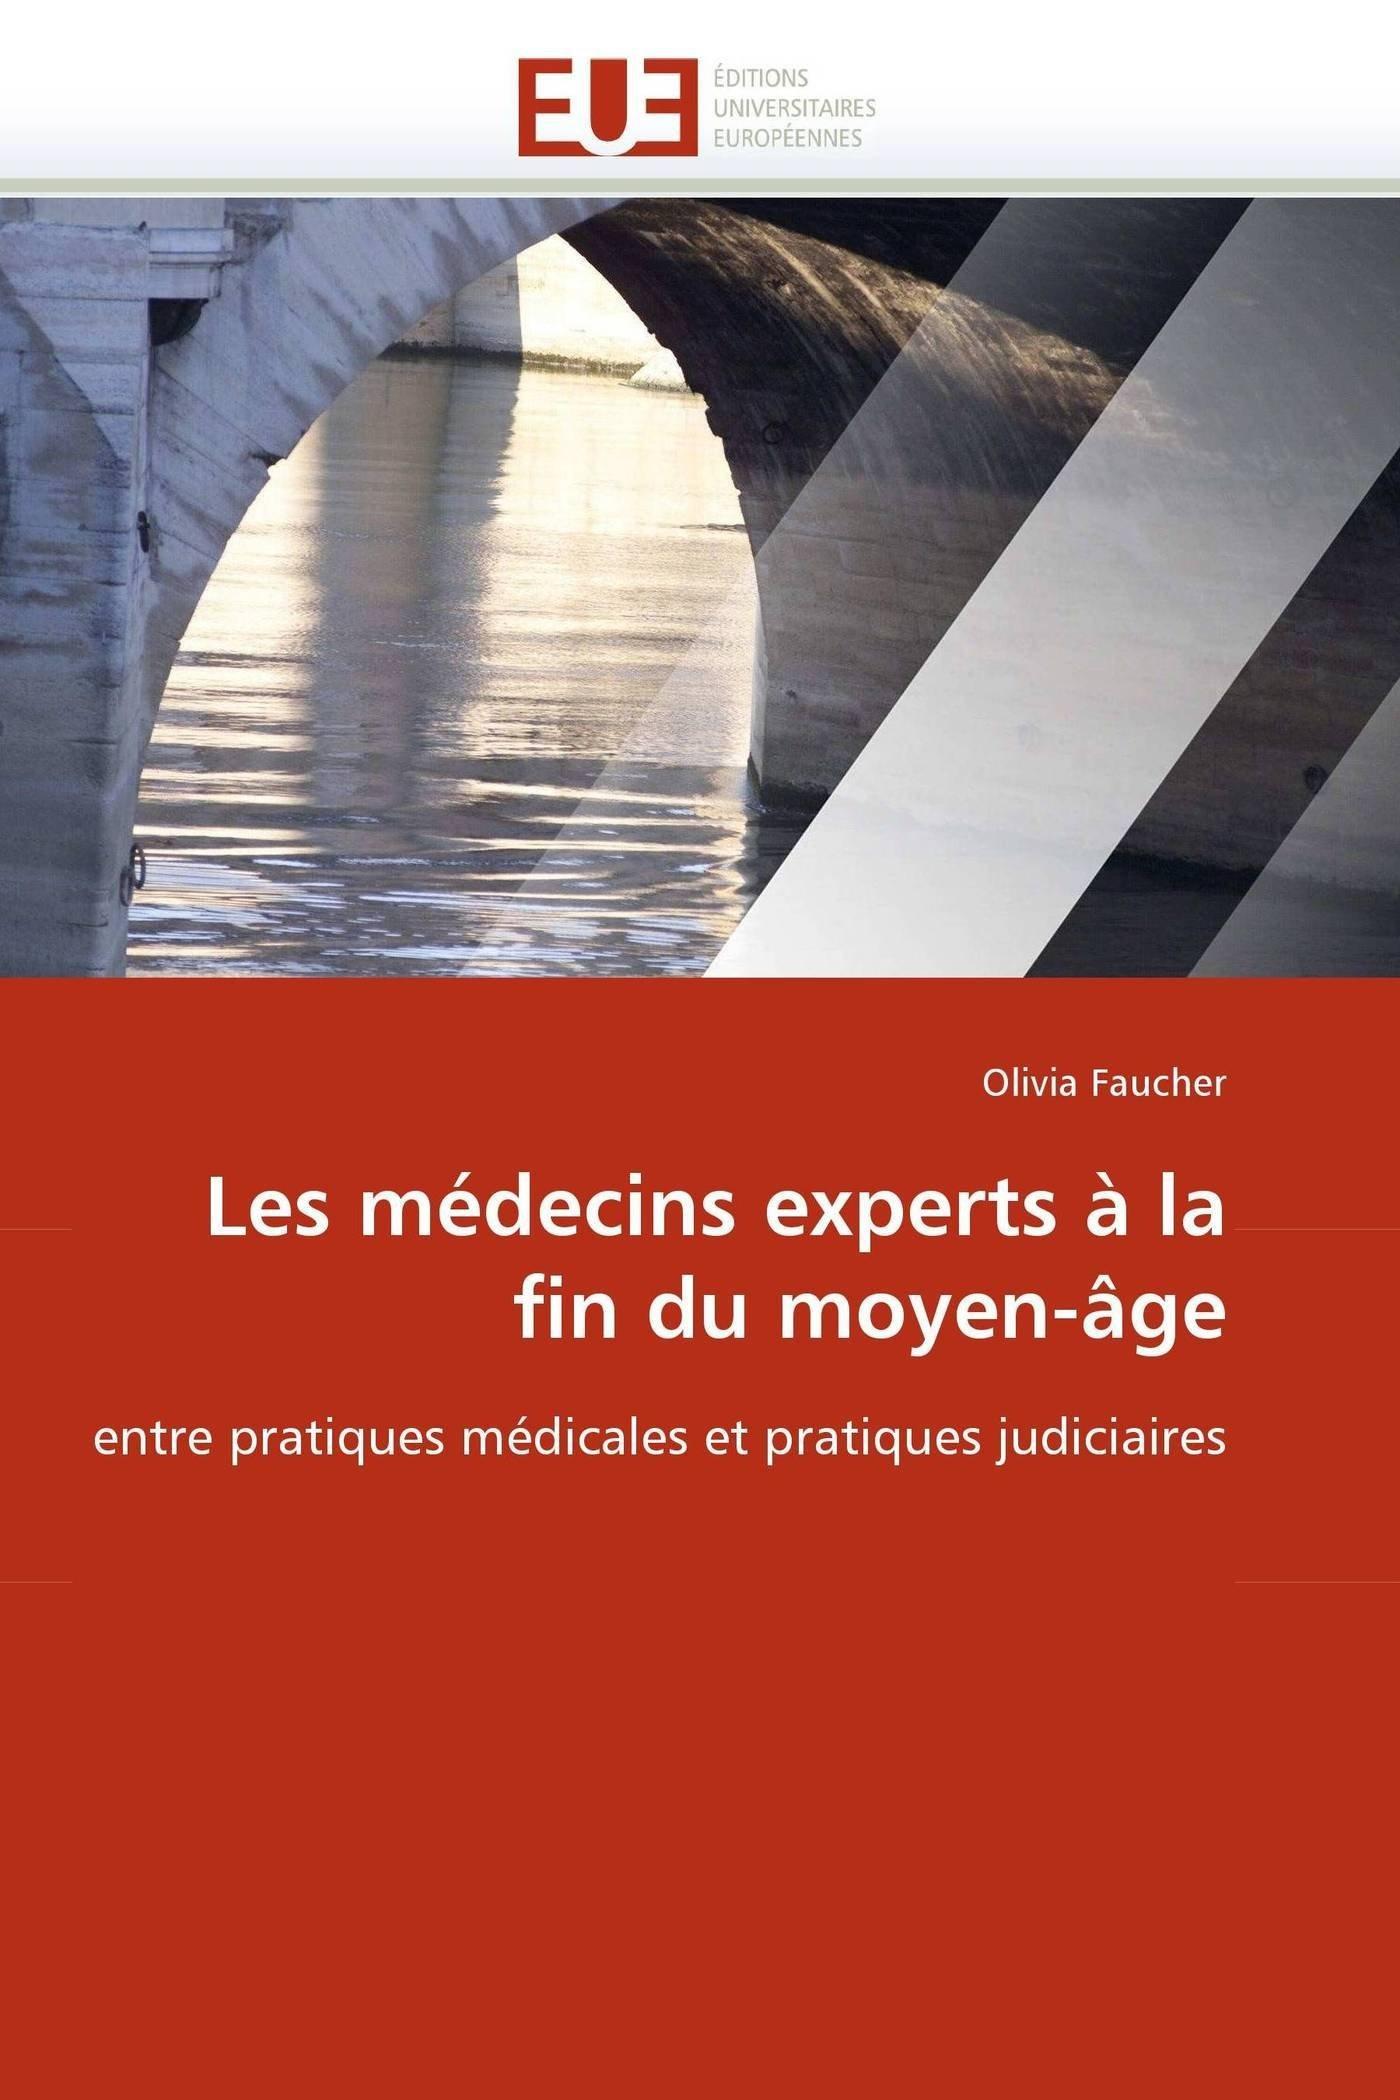 Download Les médecins experts à la fin du moyen-âge: entre pratiques médicales et pratiques judiciaires (Omn.Univ.Europ.) (French Edition) PDF